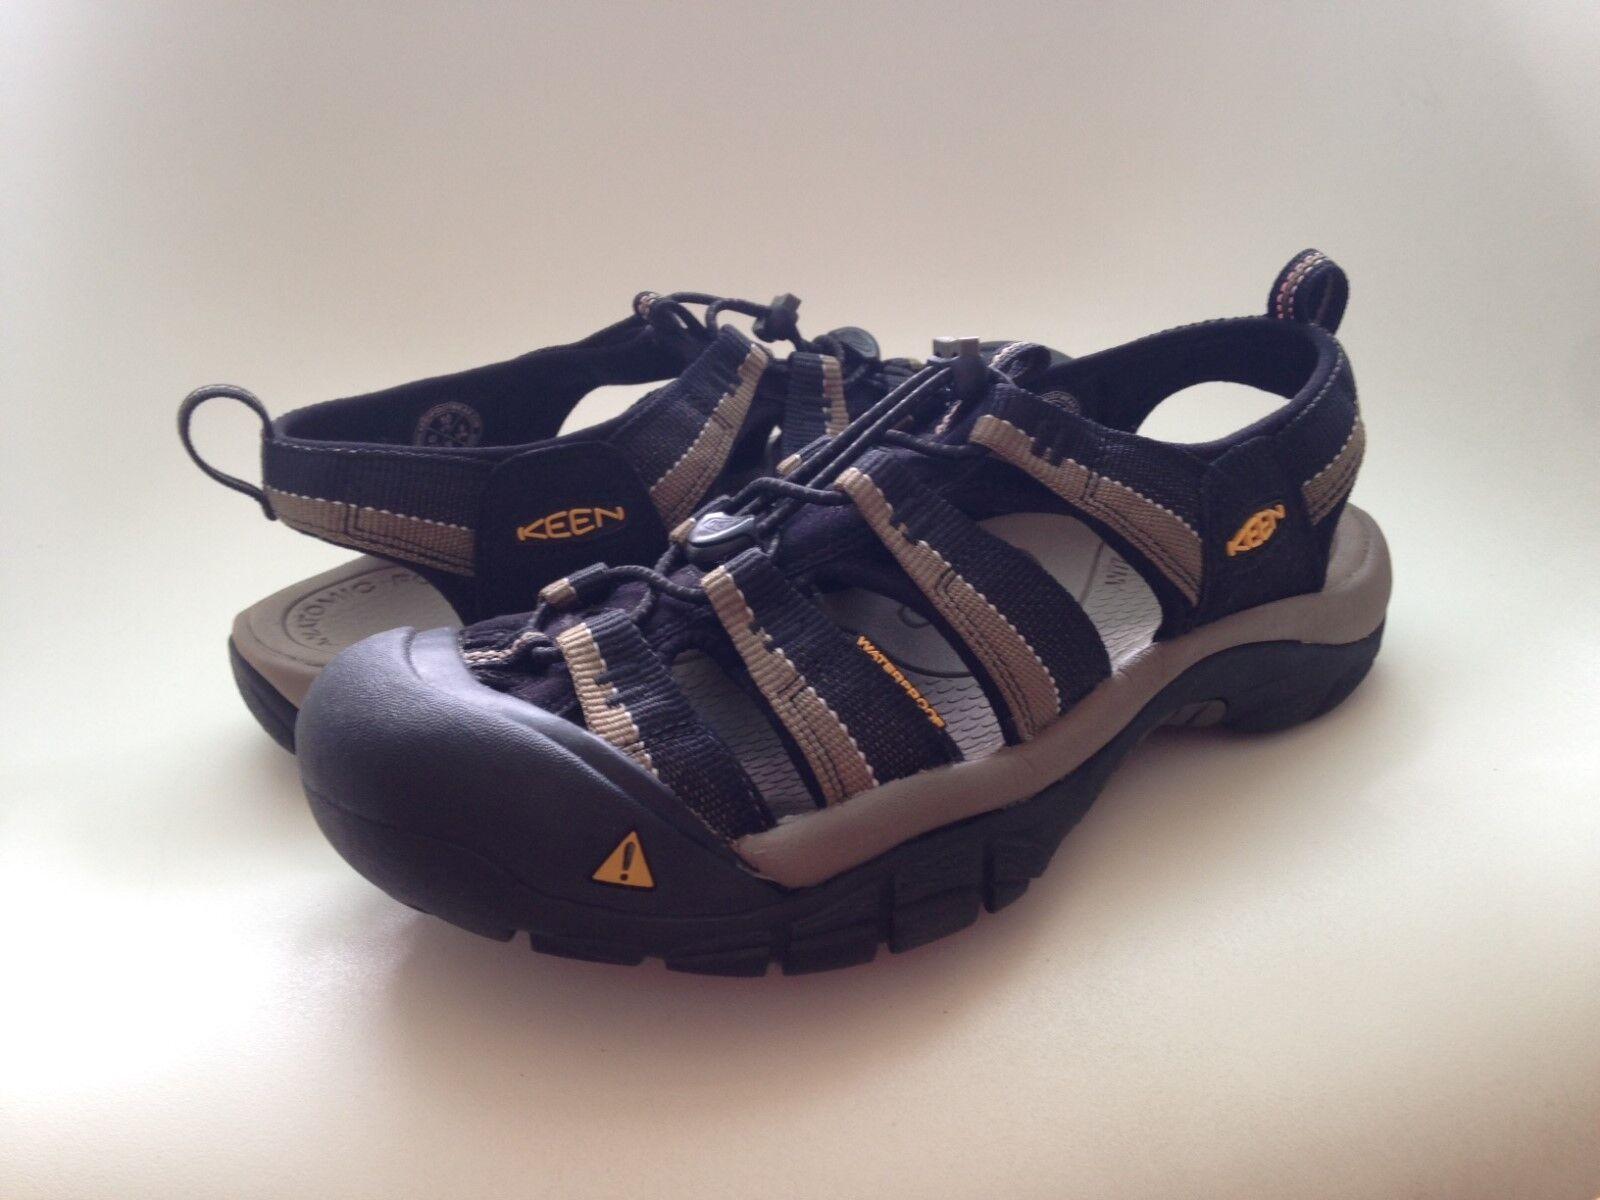 Keen Newport H2 Black/Stone Gray Sport Sandal Men's sizes 7-17 NEW!!! 1